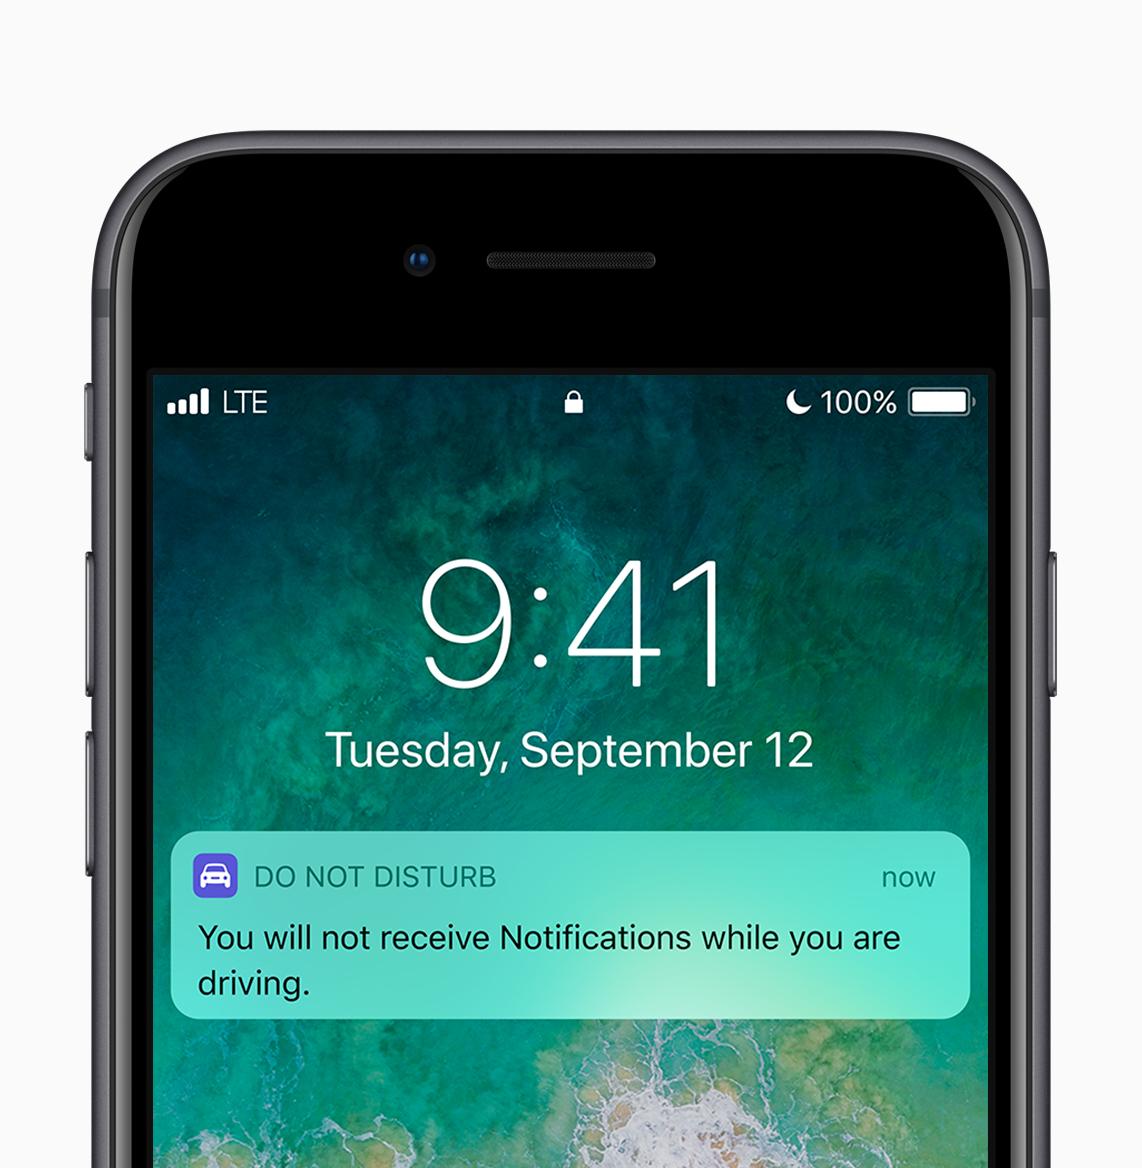 iOS-11-availability-donot-disturb.jpg